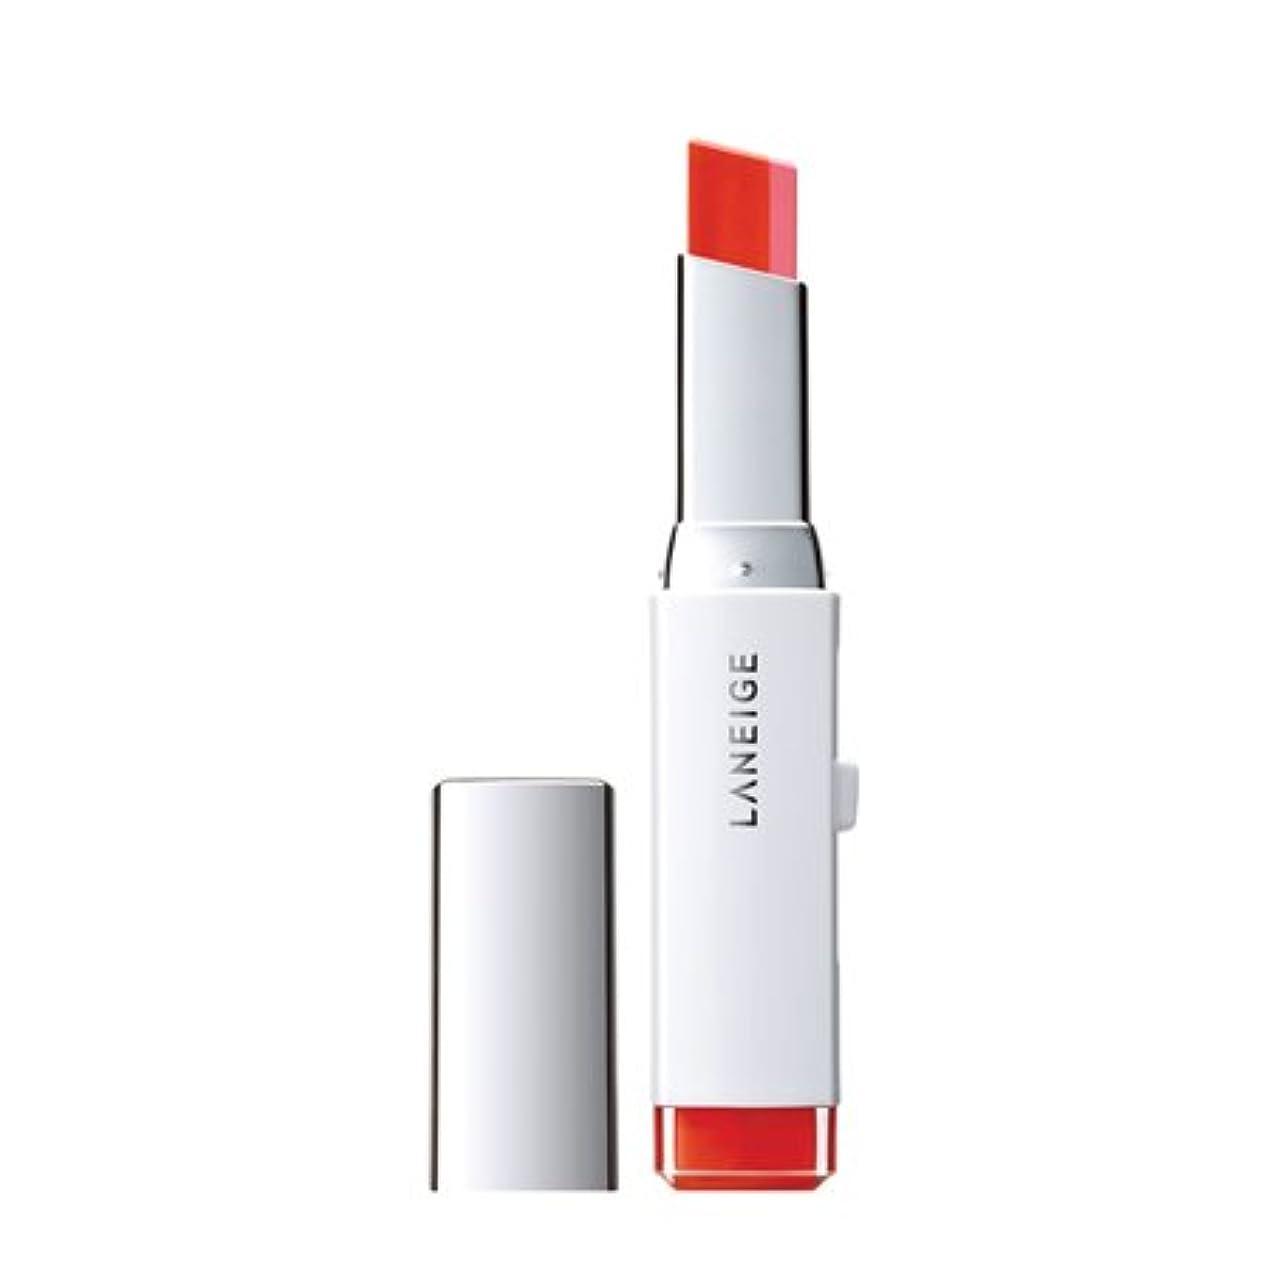 トン潜在的な店員ラネージュ(LANEIGE)ツートーンリップバー(Two tone lip bar)2g カラー:3号 ピンクシャルマン